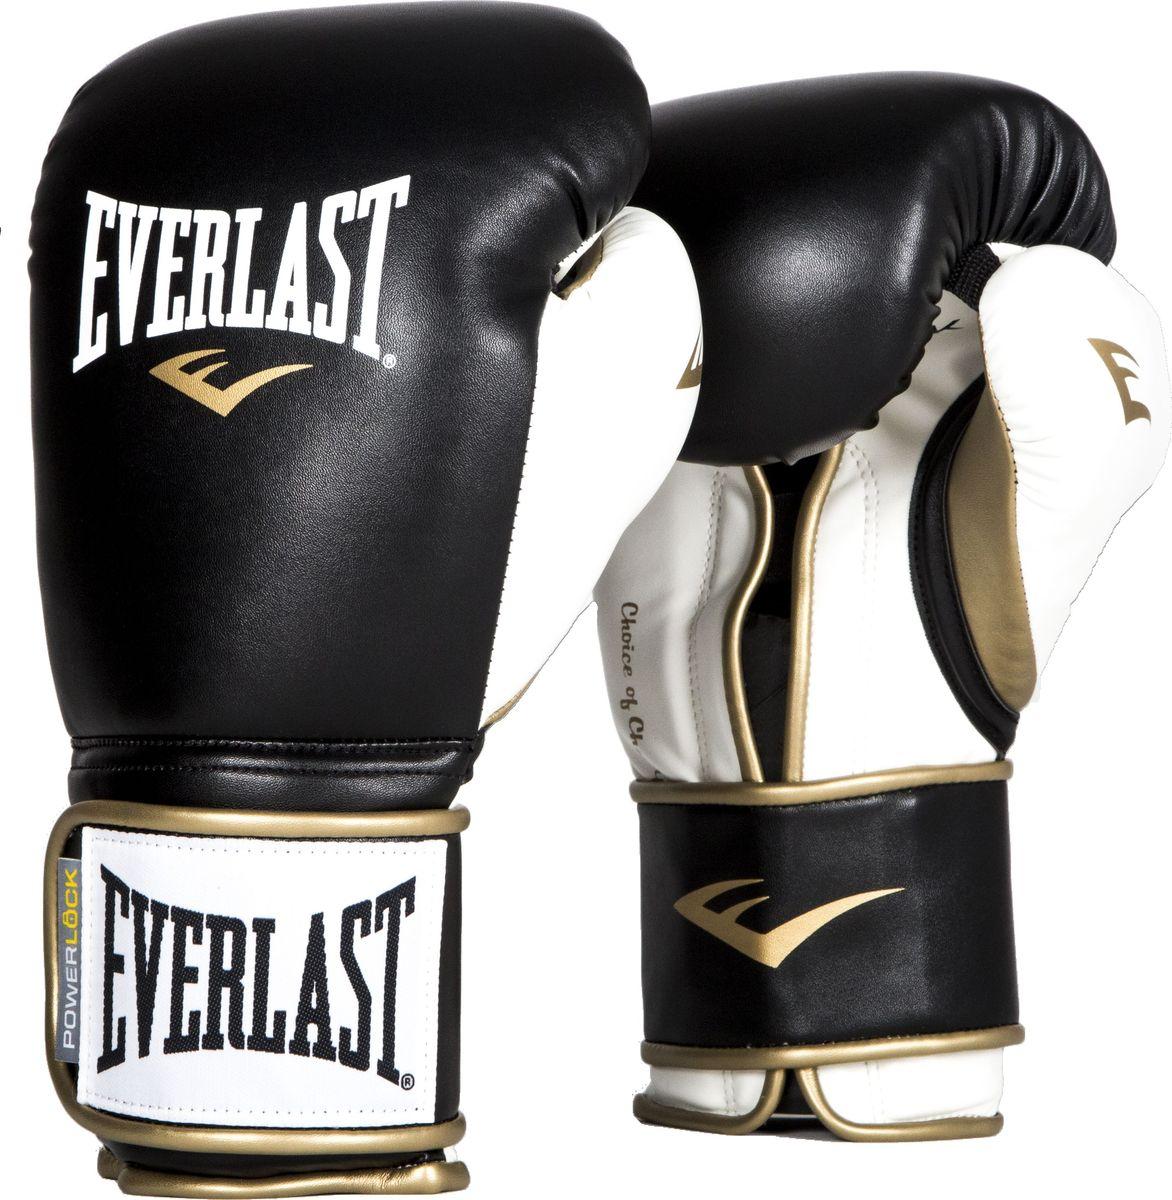 Боксерские перчатки Everlast Powerlock, тренировочные, P00000725, черный, белый, вес 14 унций мультитул powerlock eod black oxide черный sog